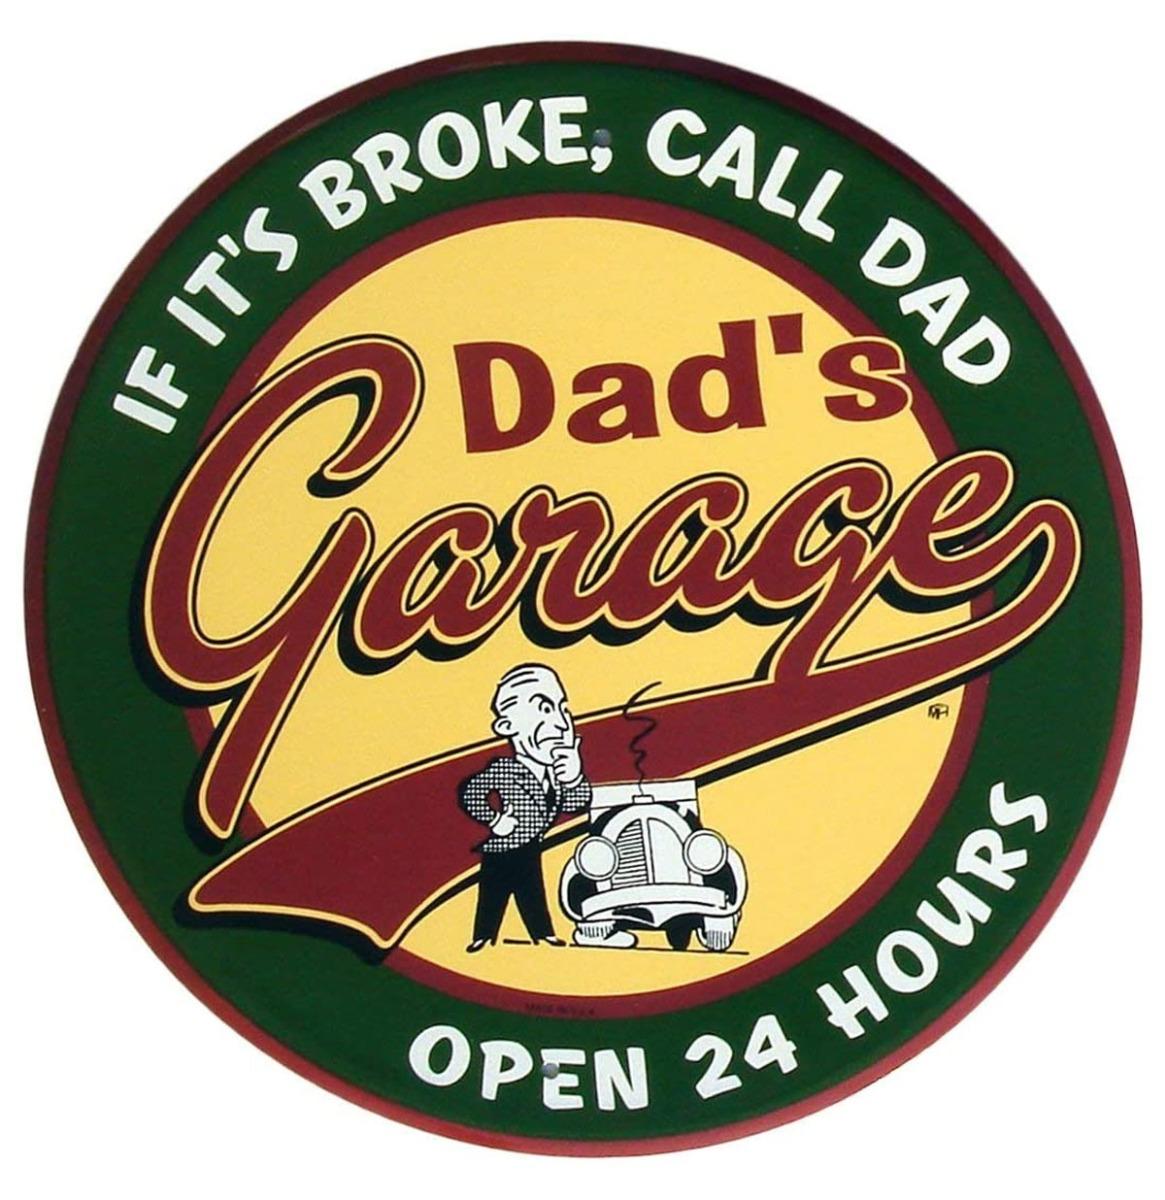 Dad's Garage Open 24 Hours Metalen Bord 60 cm